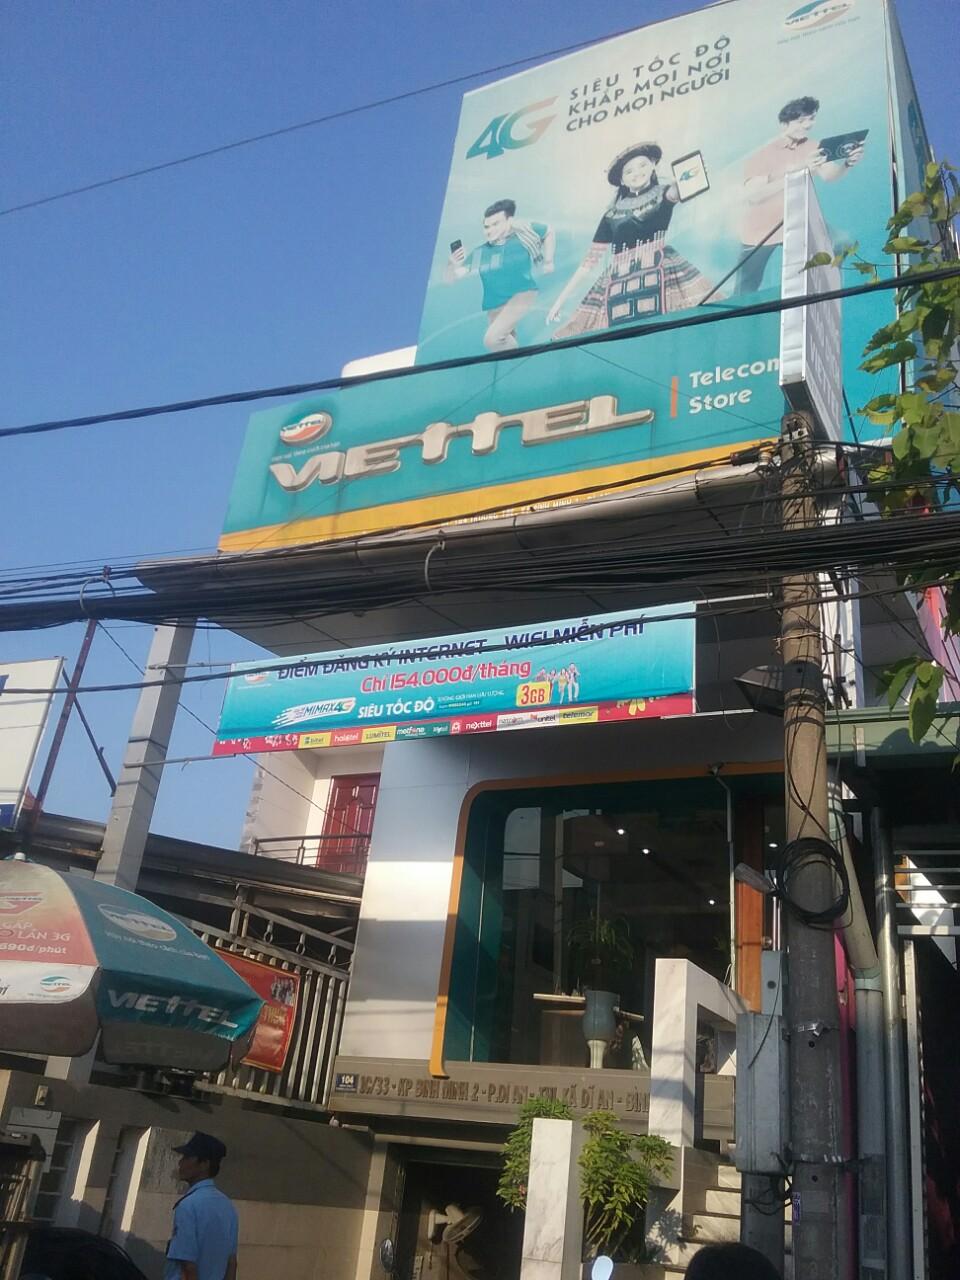 Cửa hàng Viettel Bình Dương